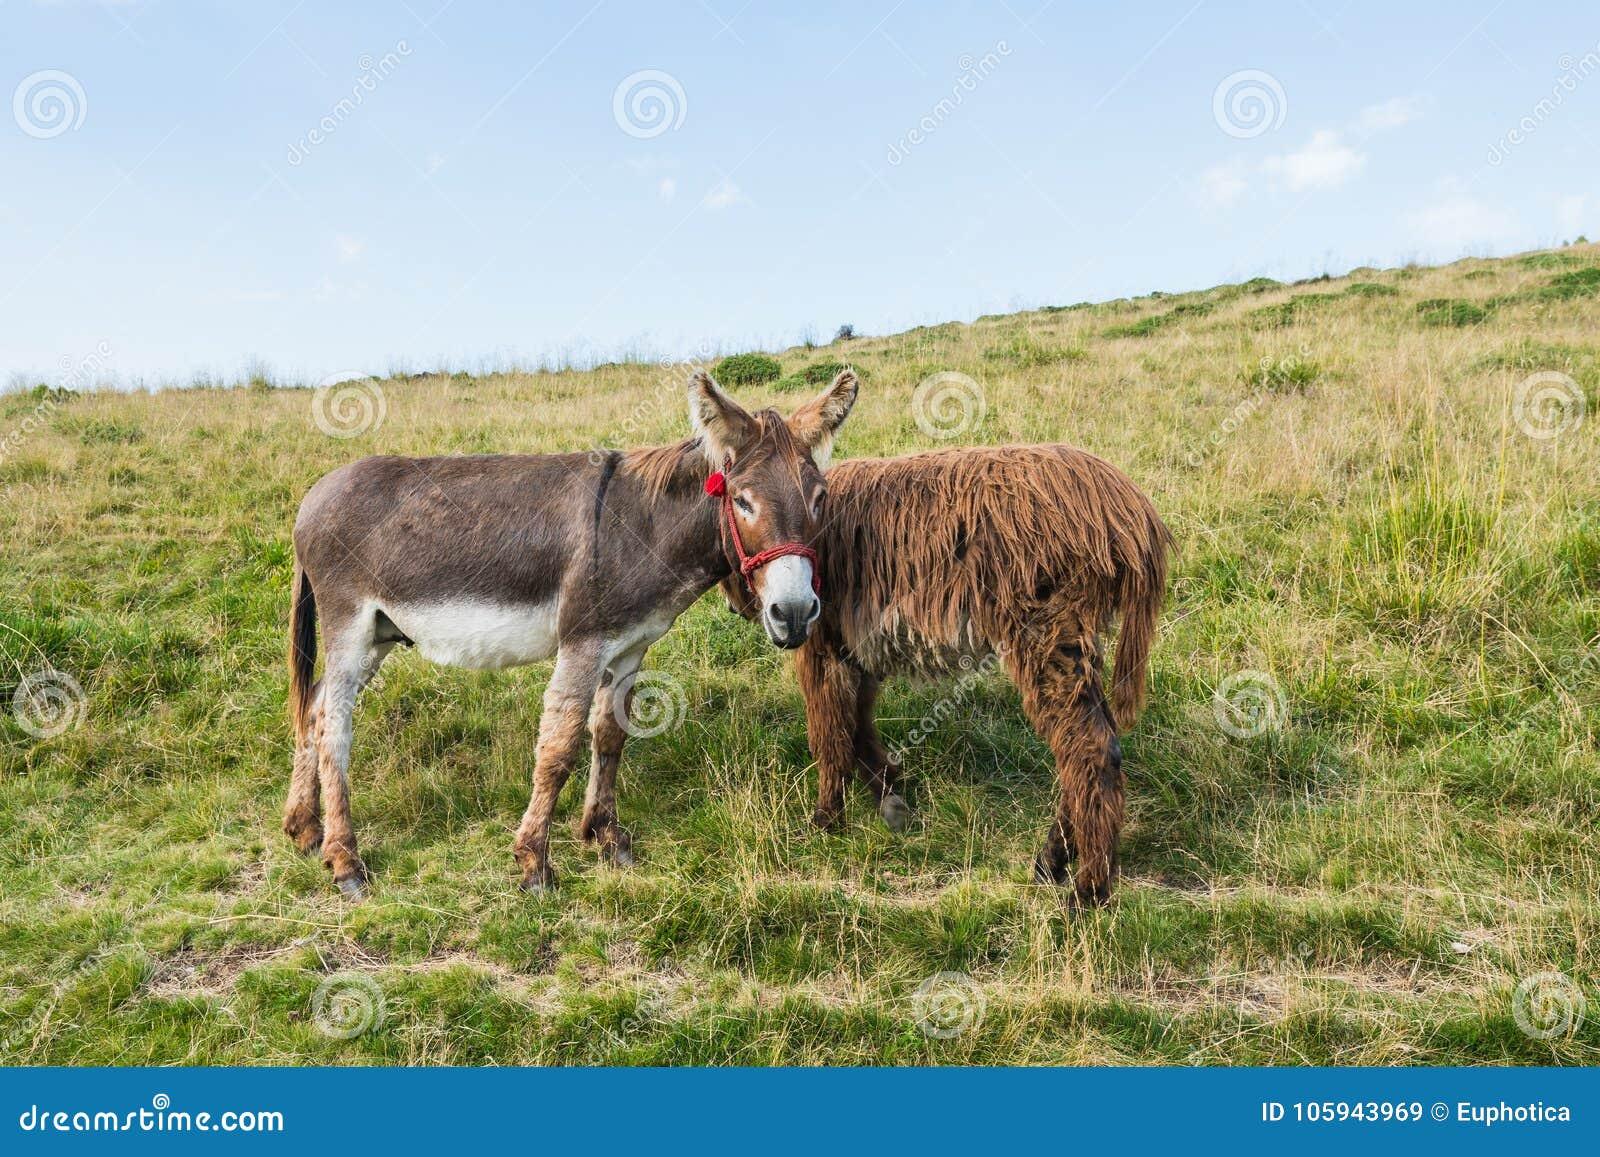 Δύο γάιδαροι σε ένα λιβάδι, αντιπαραβαλλόμενη, παράξενη διαμόρφωση, ενδιαφέρουσα ιδέα